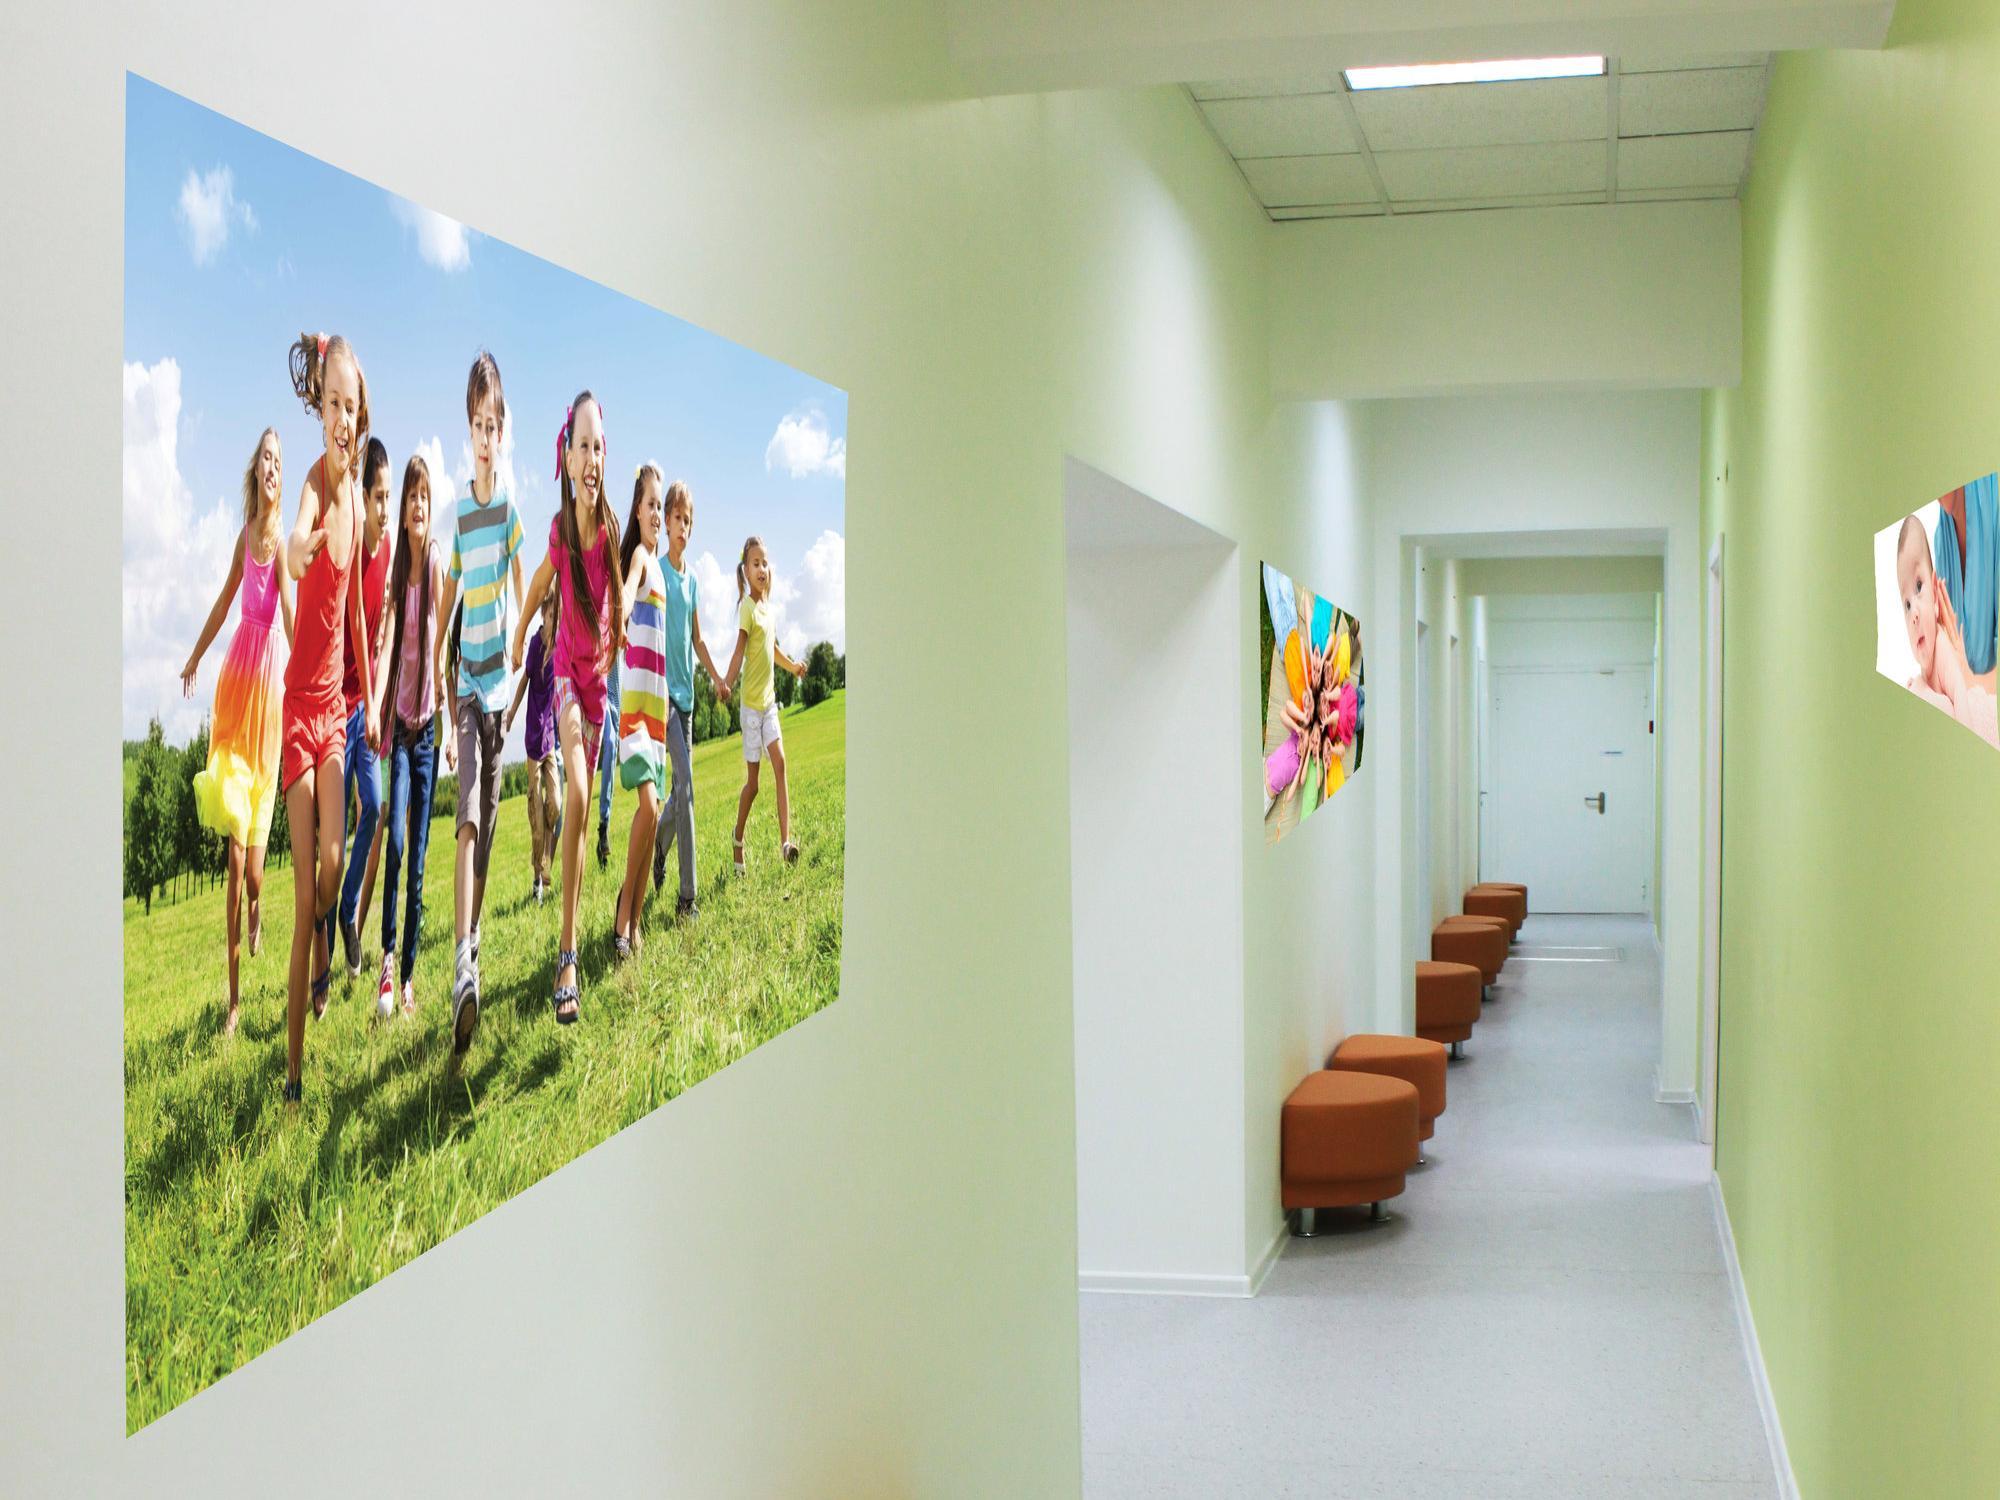 фотография Центра Материнства, Естественного Развития и Здоровья Ребенка на метро Маяковская